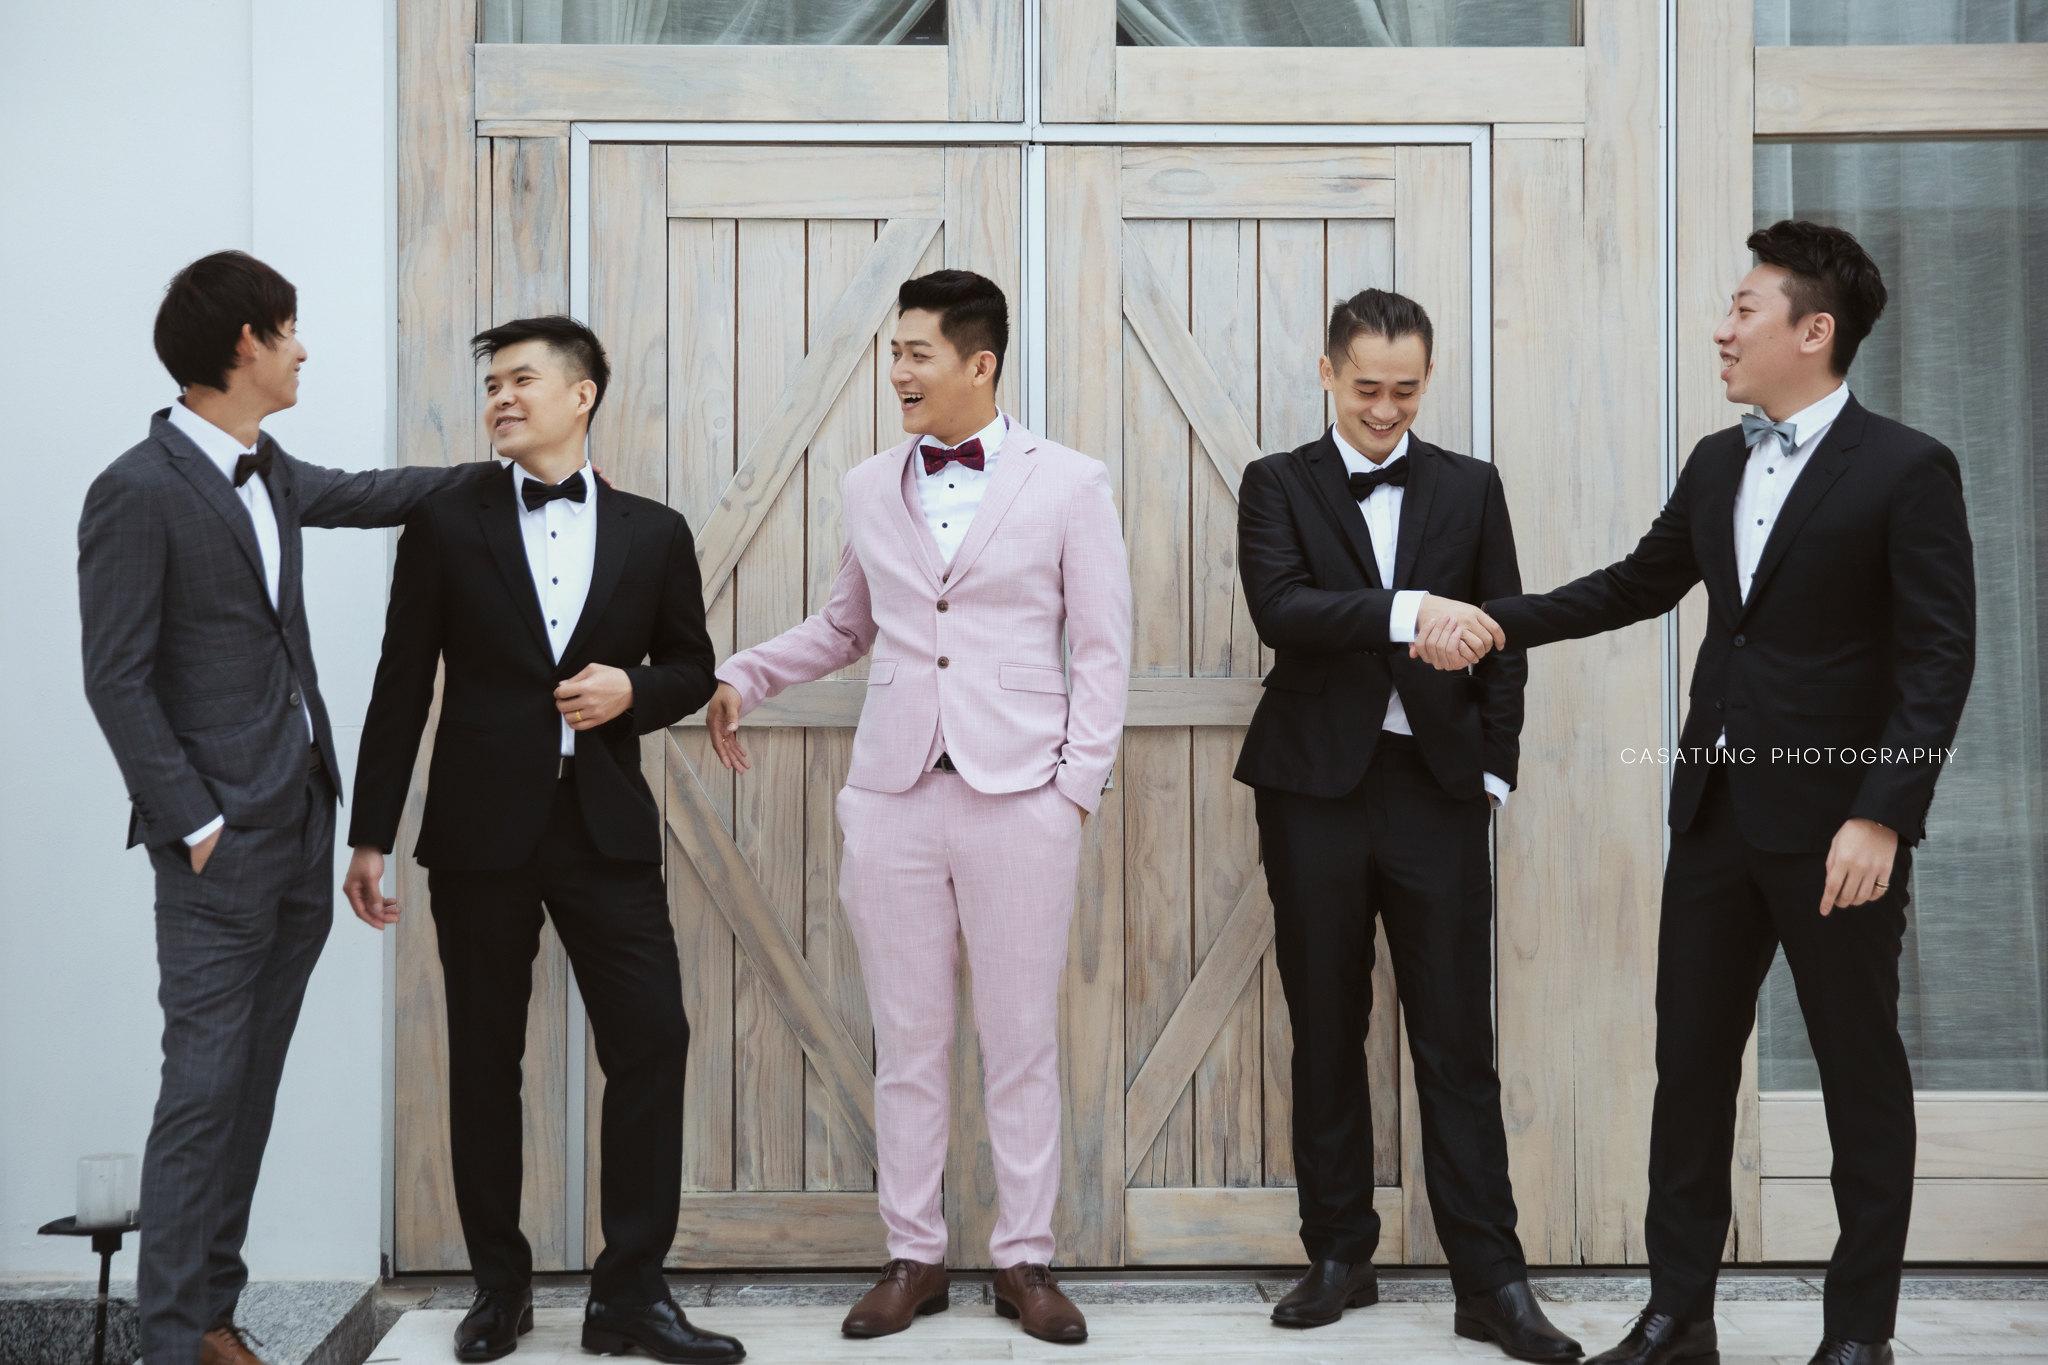 戶外婚禮, 手工婚紗, 台中婚攝, 自助婚紗, 婚紗工作室, 婚紗推薦旋轉木馬, 婚攝推廷, 婚攝CASA, 推薦婚攝, 旋轉木馬婚紗, 萊特維庭婚禮, 禮服出租, lightweeding,萊特薇庭婚攝-8